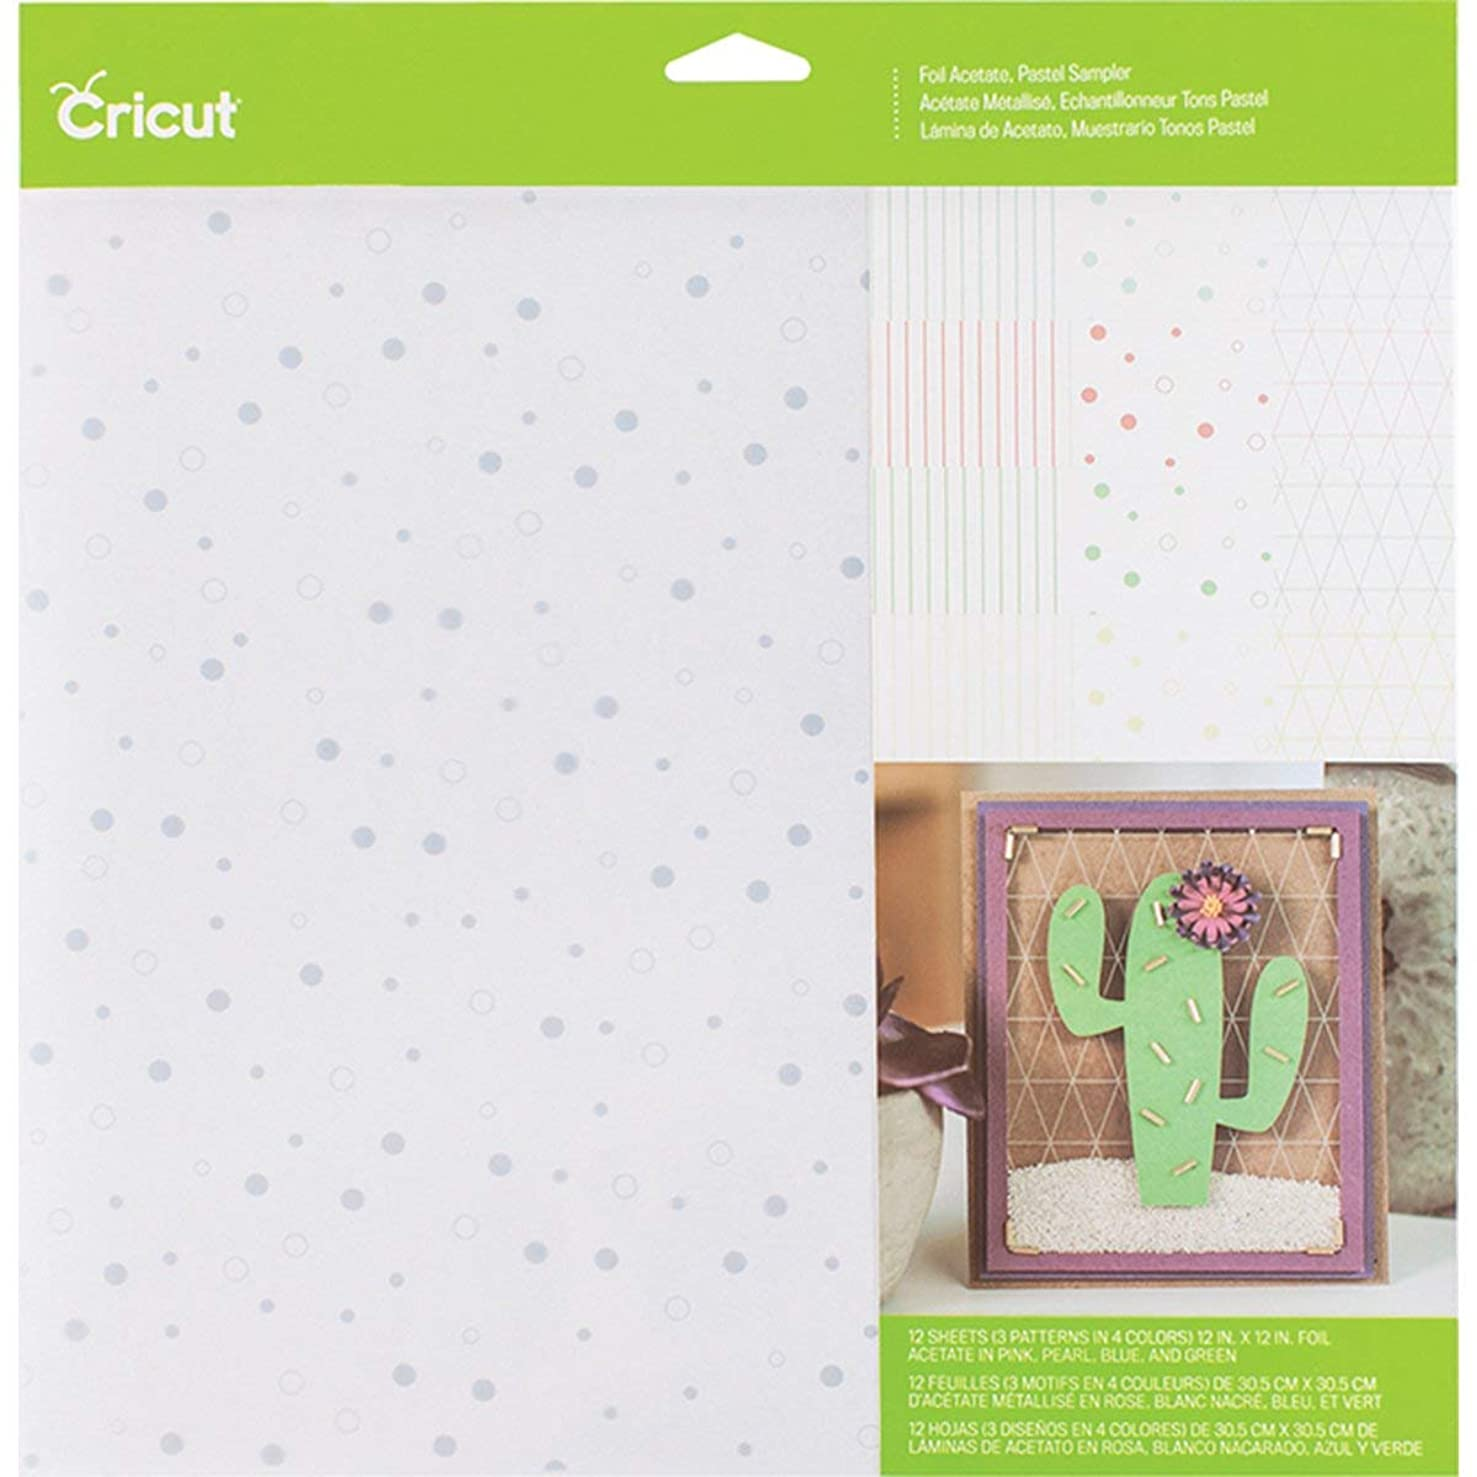 Cricut 304833 Foil Acetate, Assorted